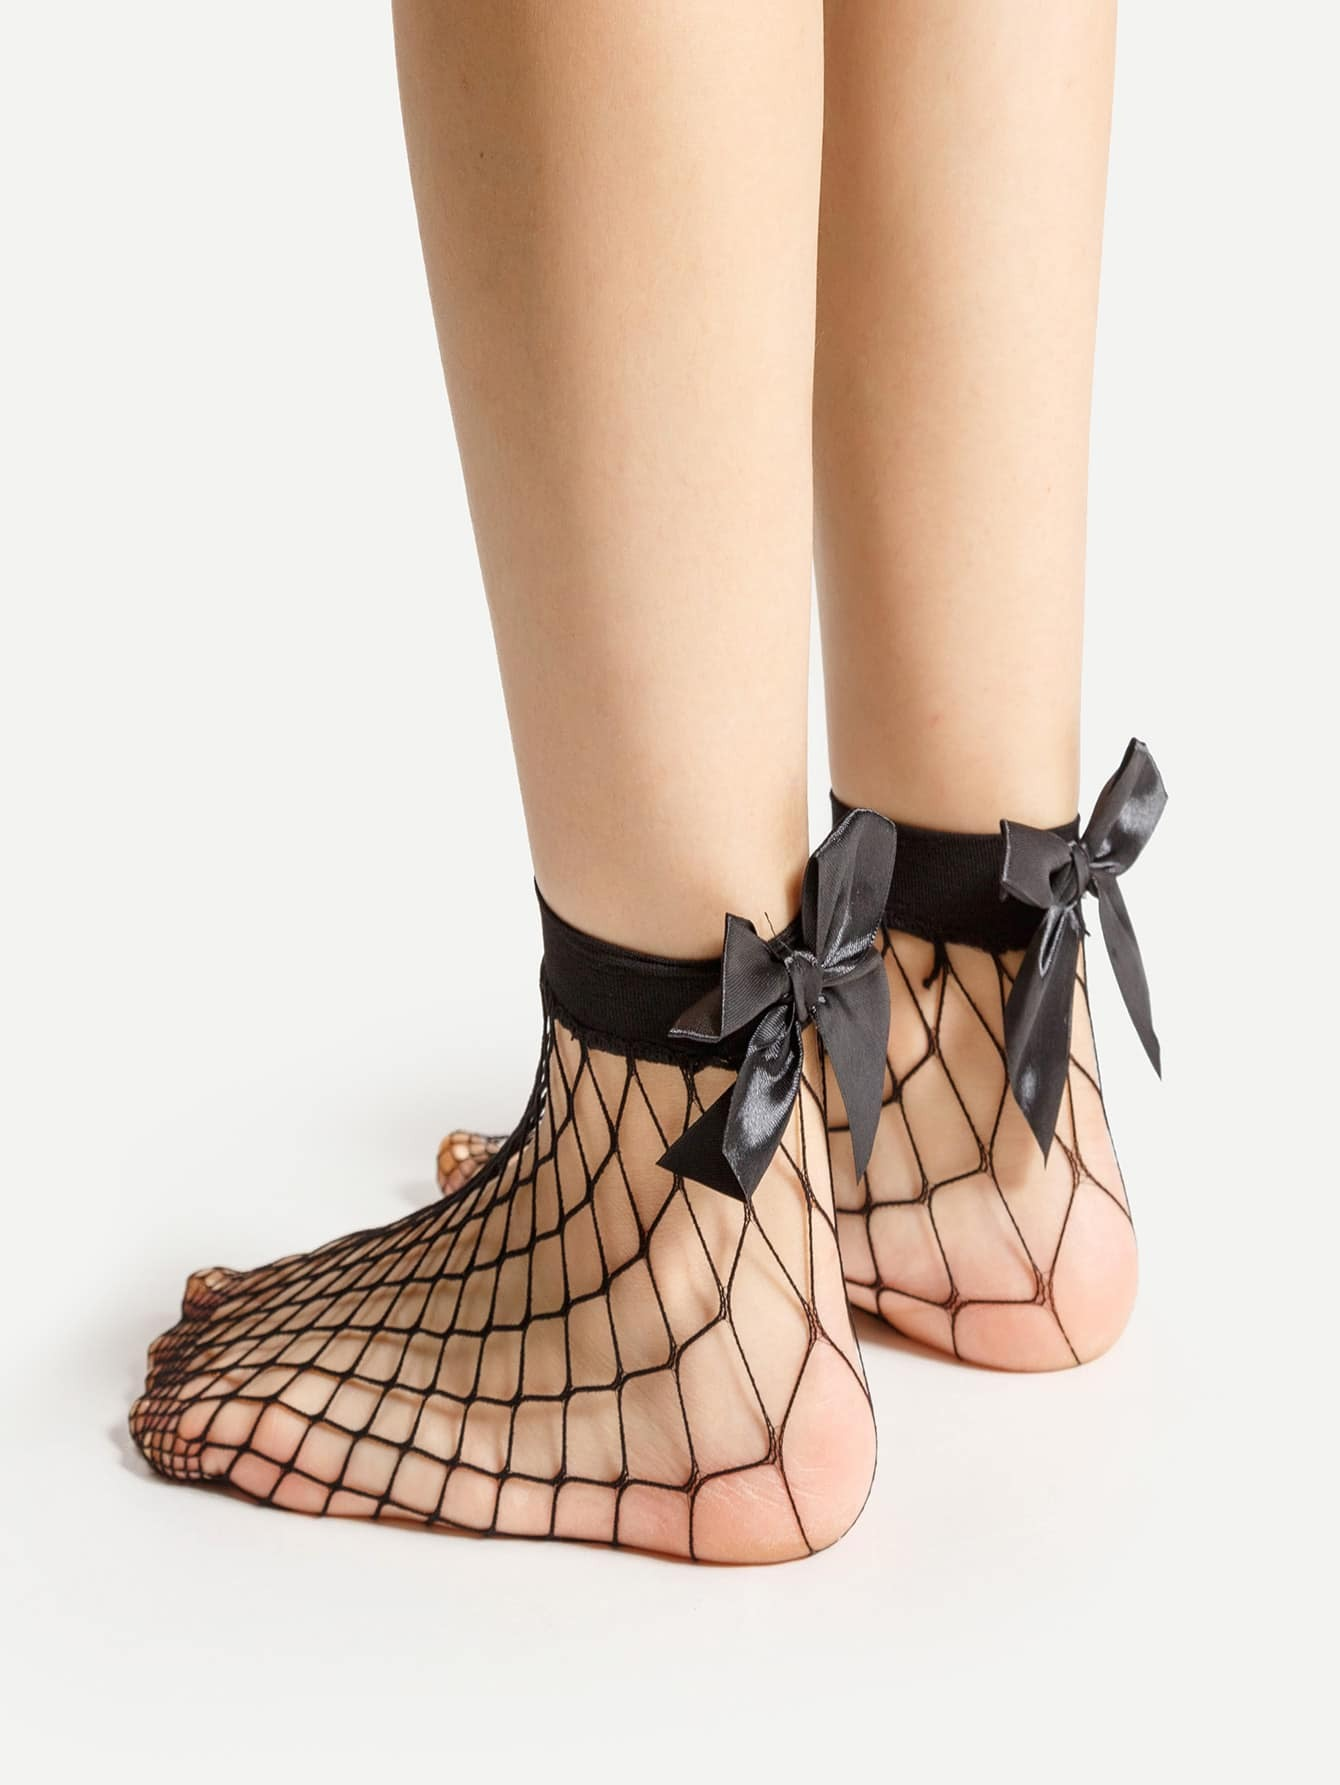 Bow Tie Back Fishnet Ankle Socks fishnet ankle socks